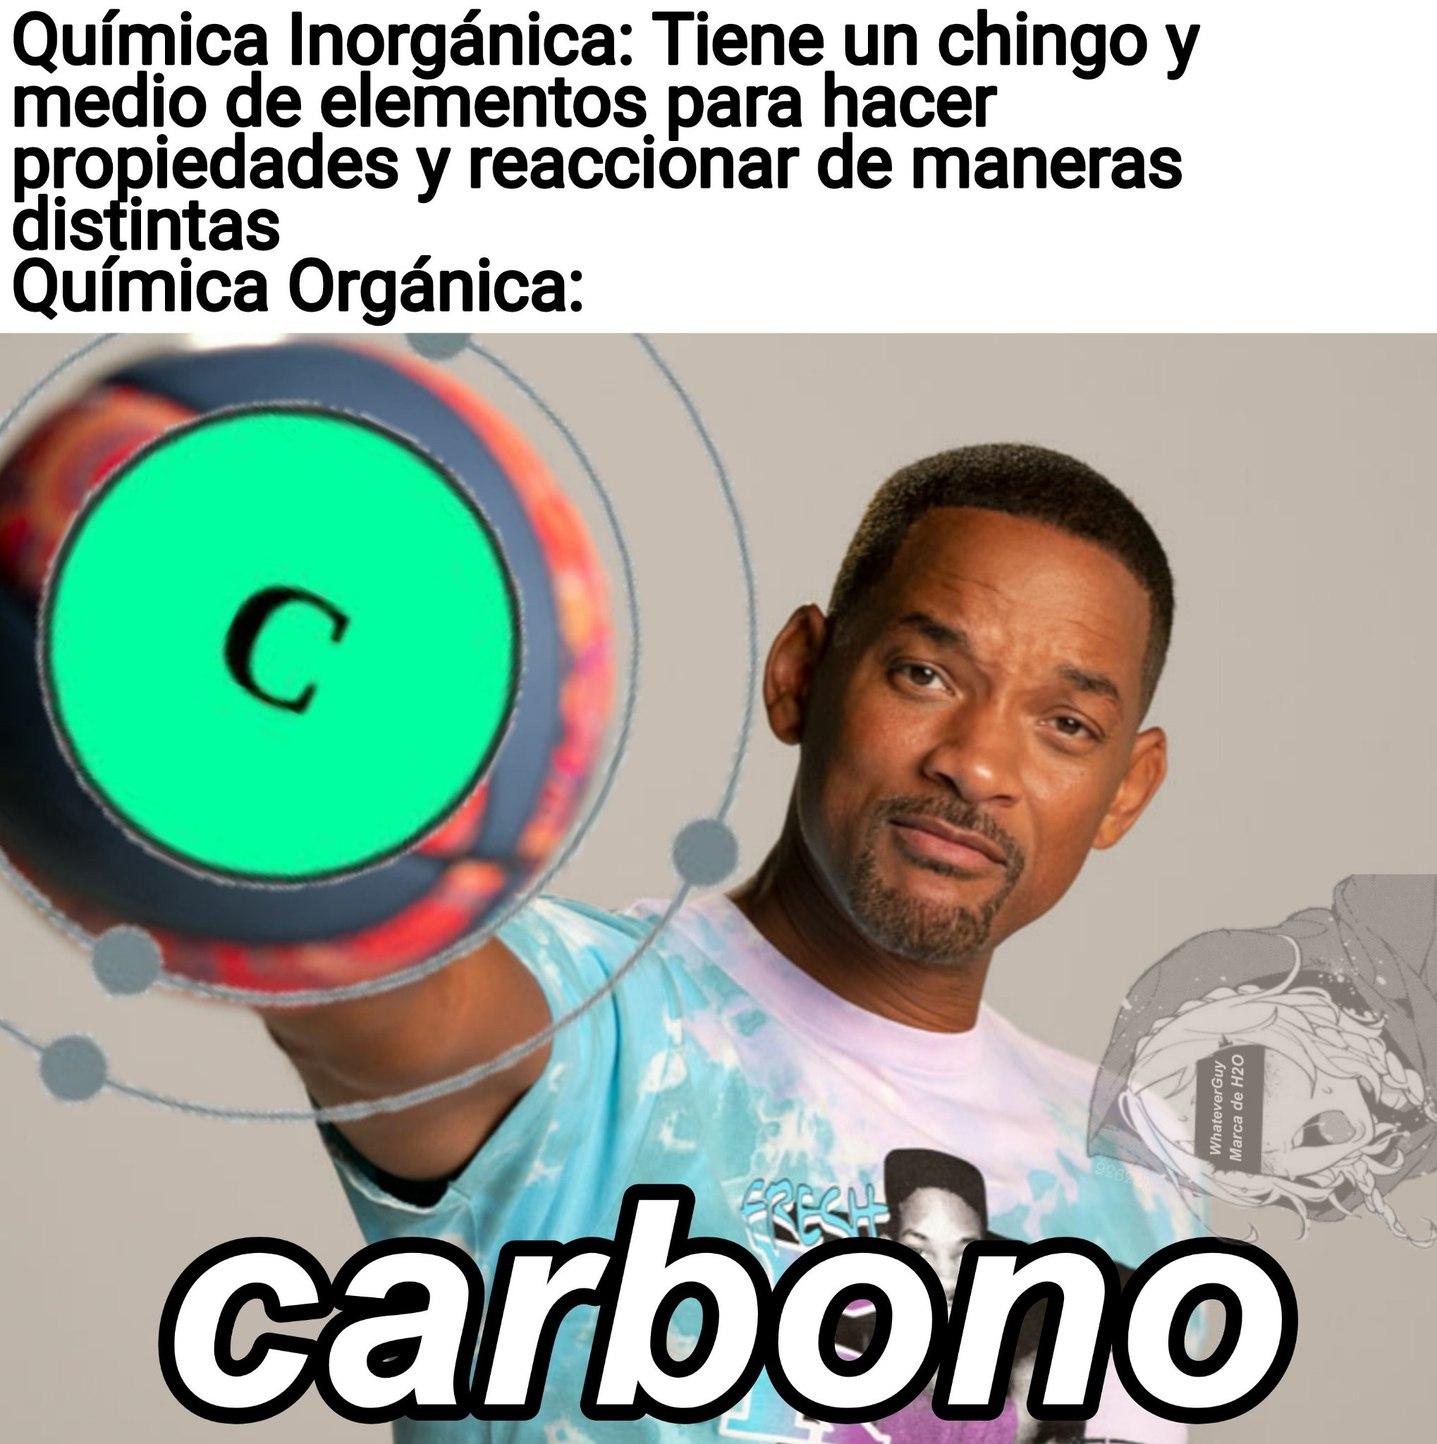 Si tu carbono no tiene 4 enlaces exactos, te cago a palos - meme